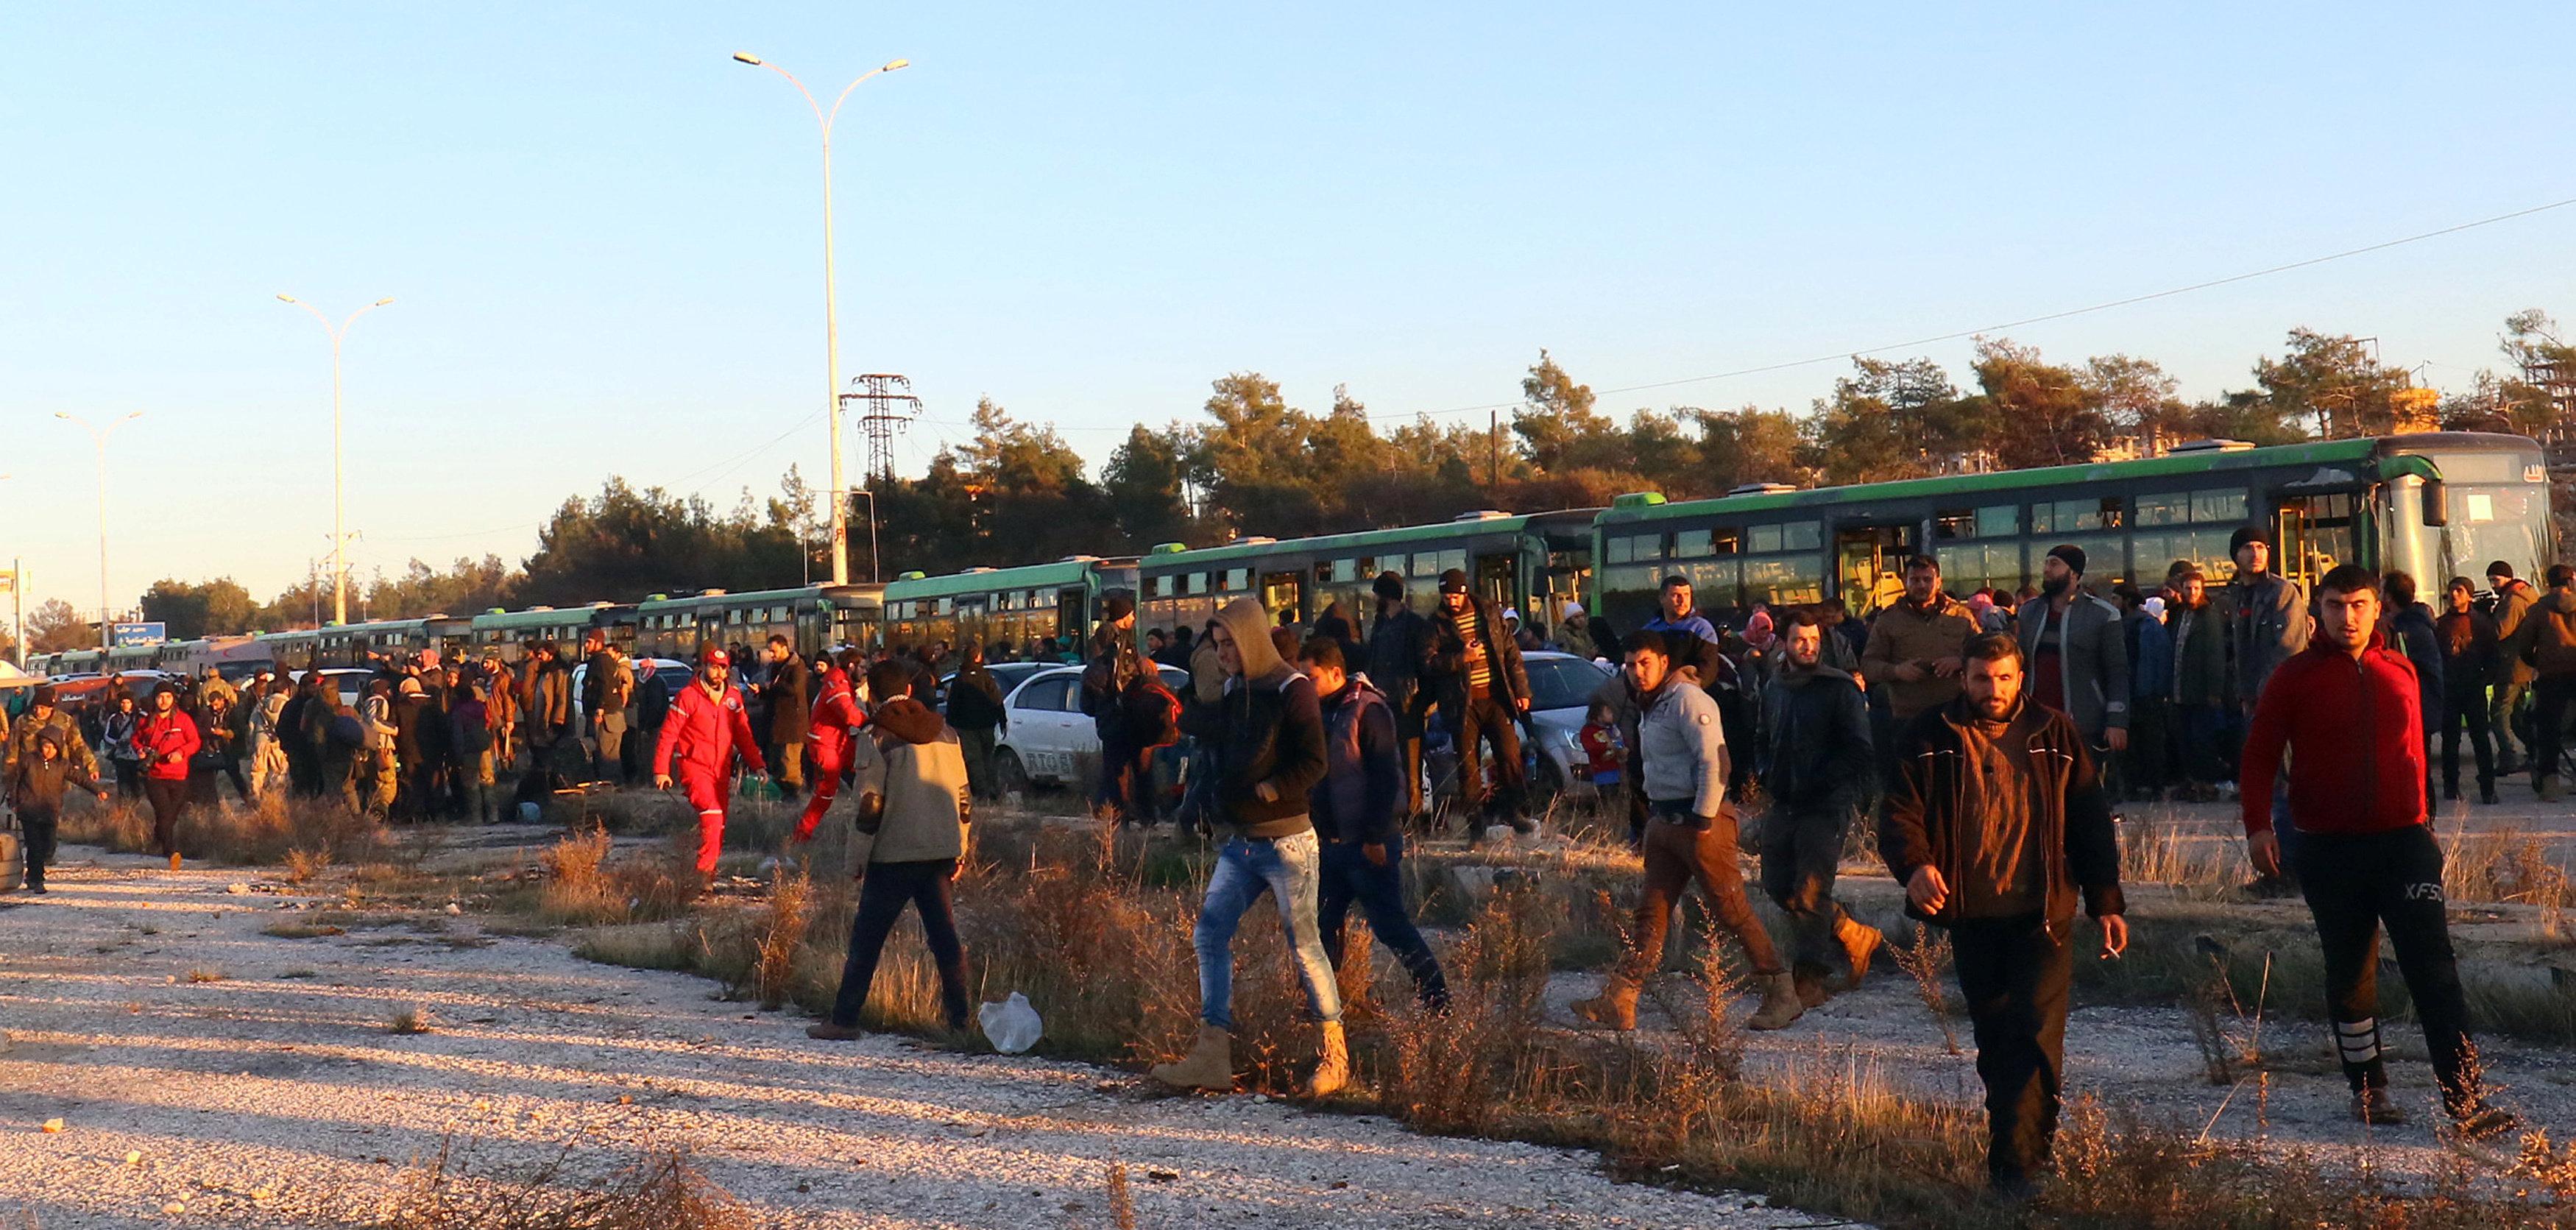 反乱軍の東アレッポからの避難民は、2016年12月15日、シリアの反政府勢力によって保有されているアル・ラシデンの町に到着するとバスから降りる。